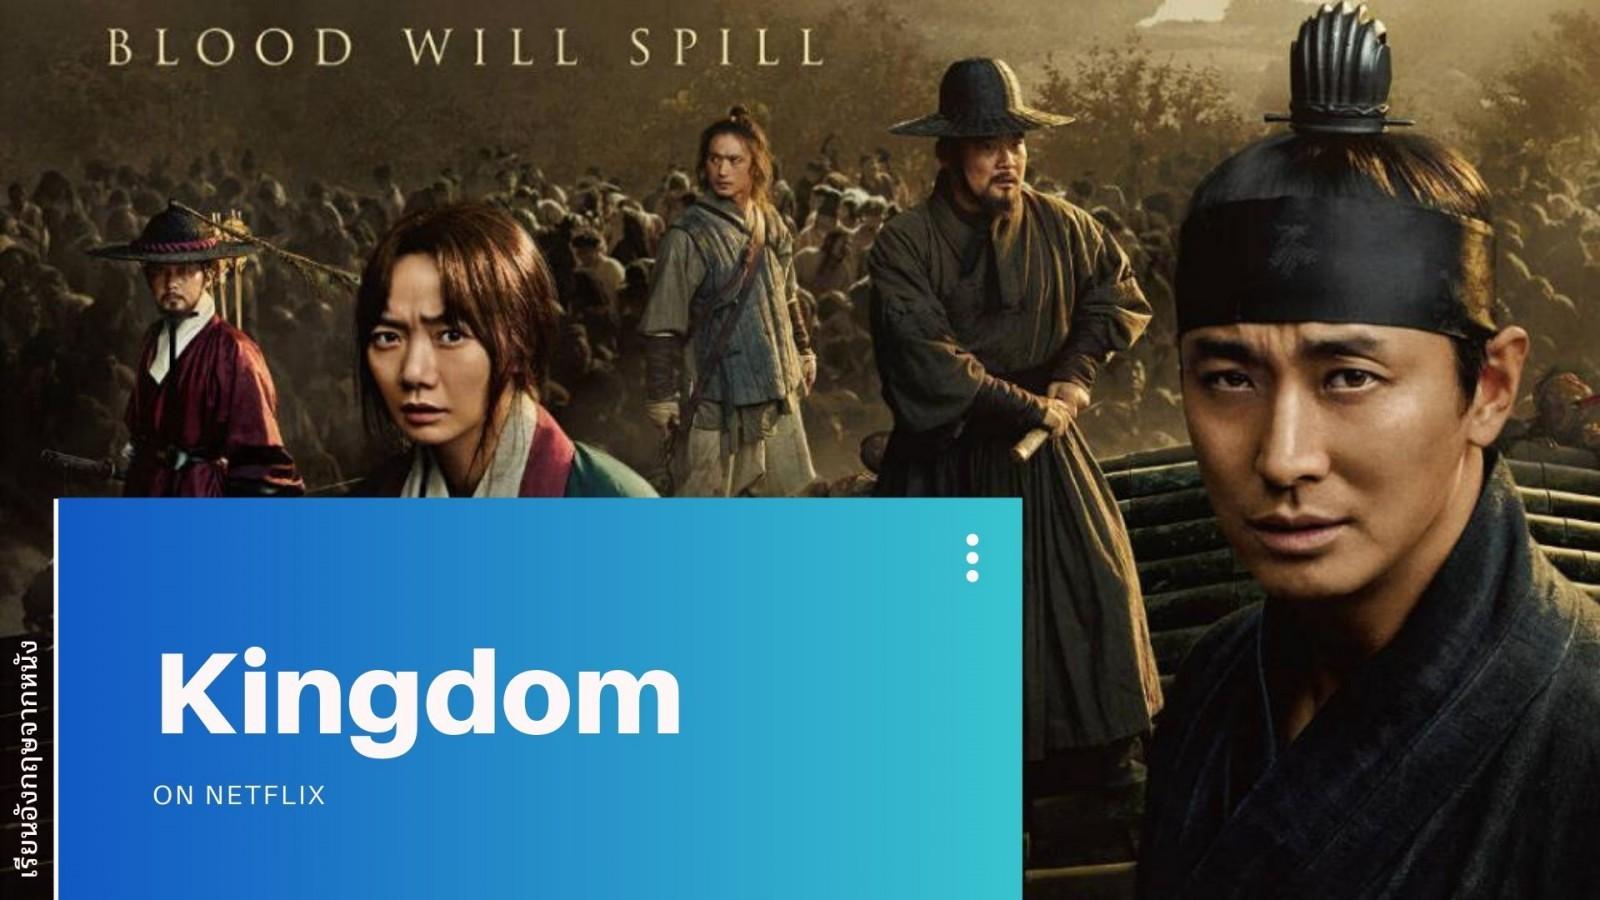 ซีรีย์ Kingdom บน Netflix